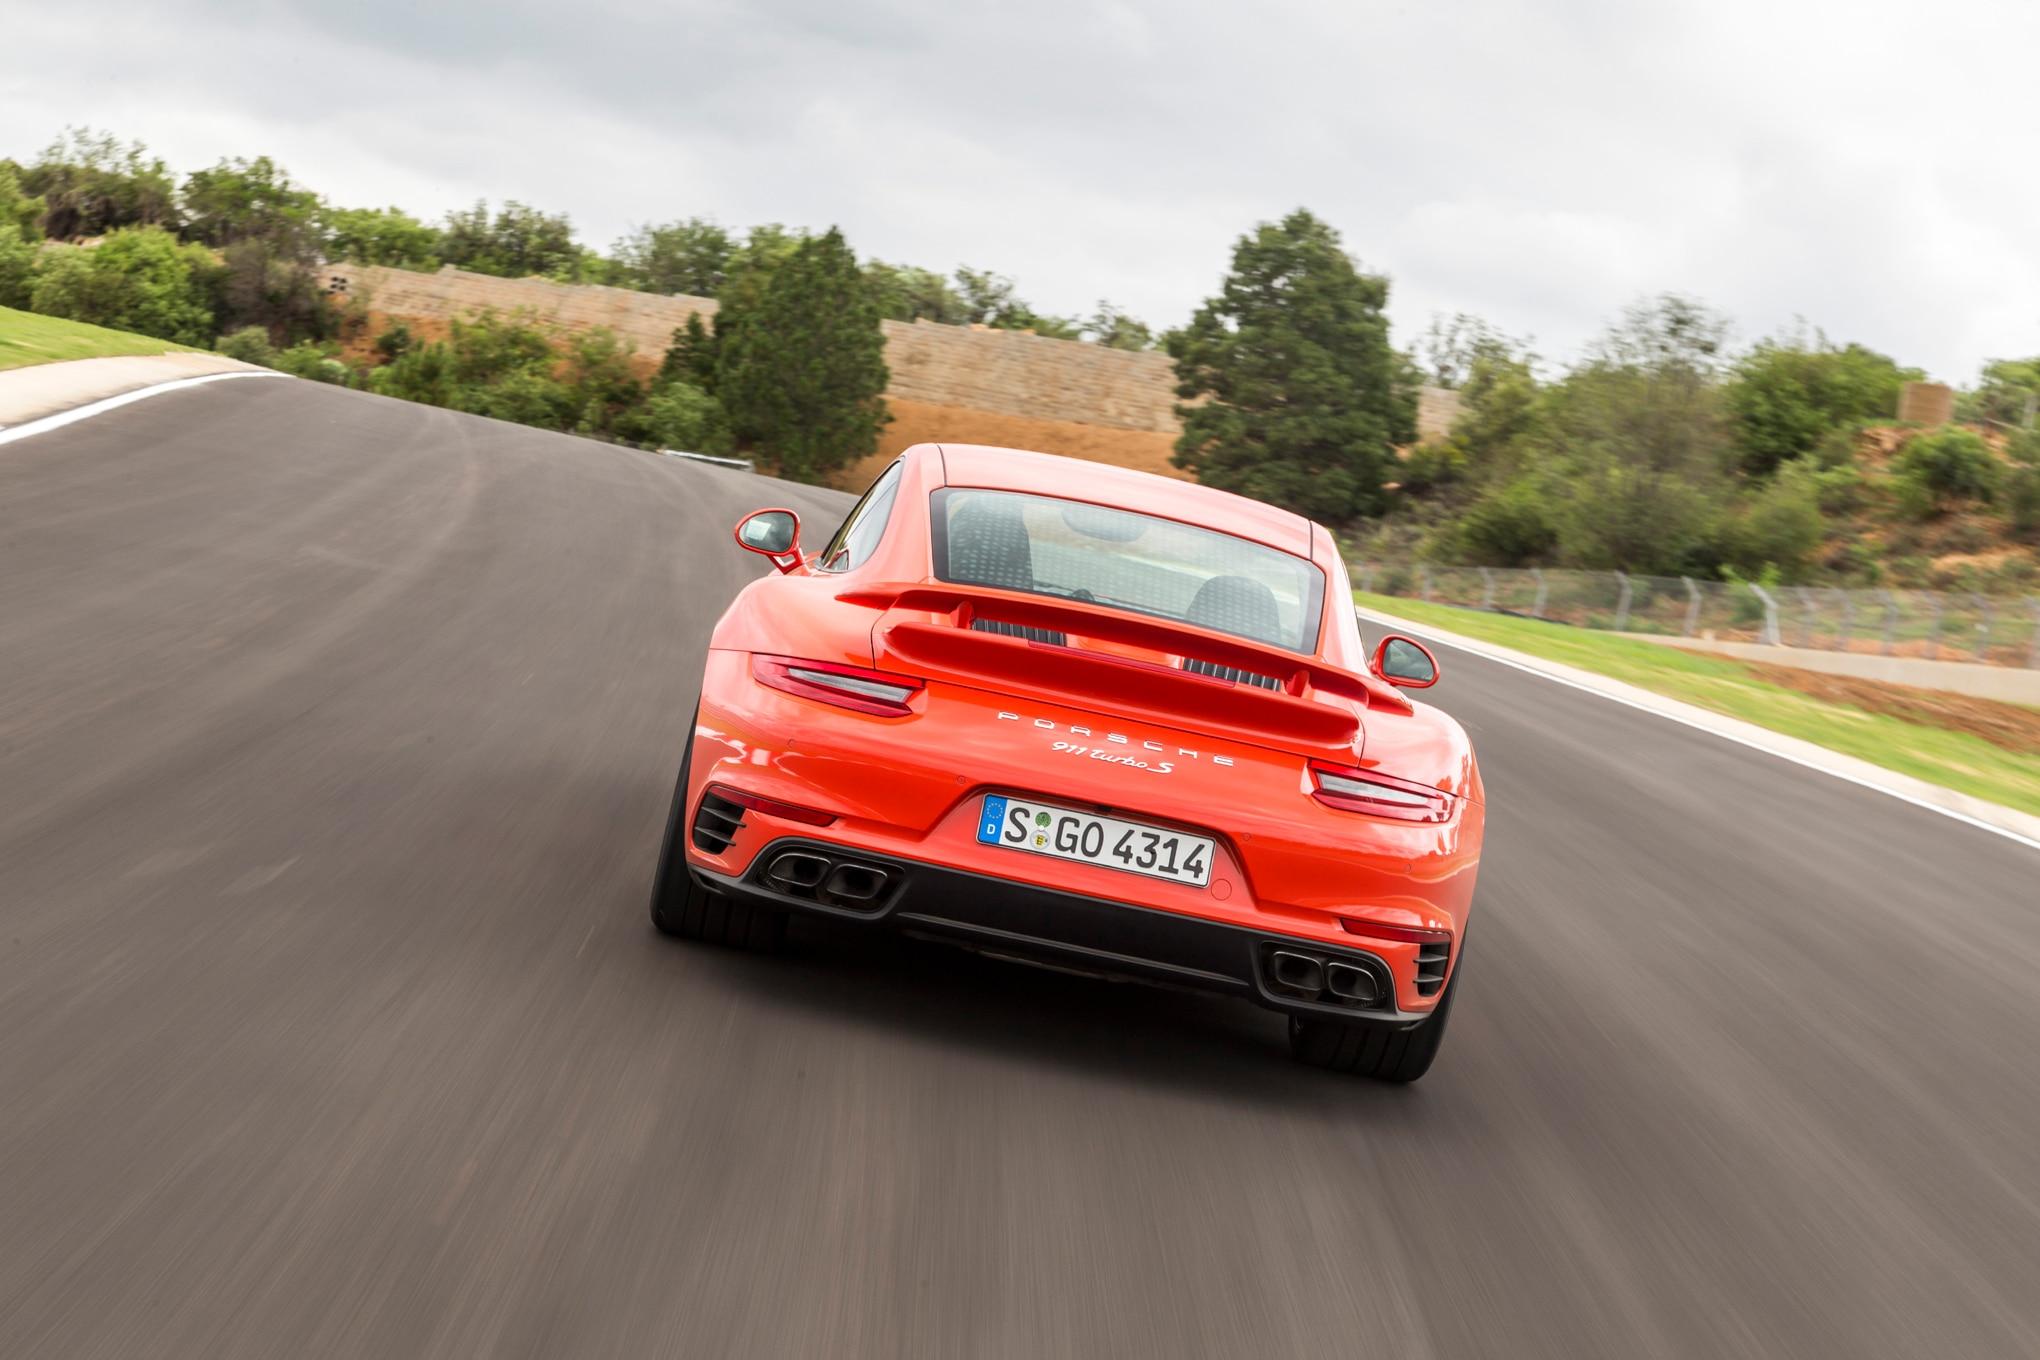 2017 Porsche 911 Turbo S rear end in motion 02